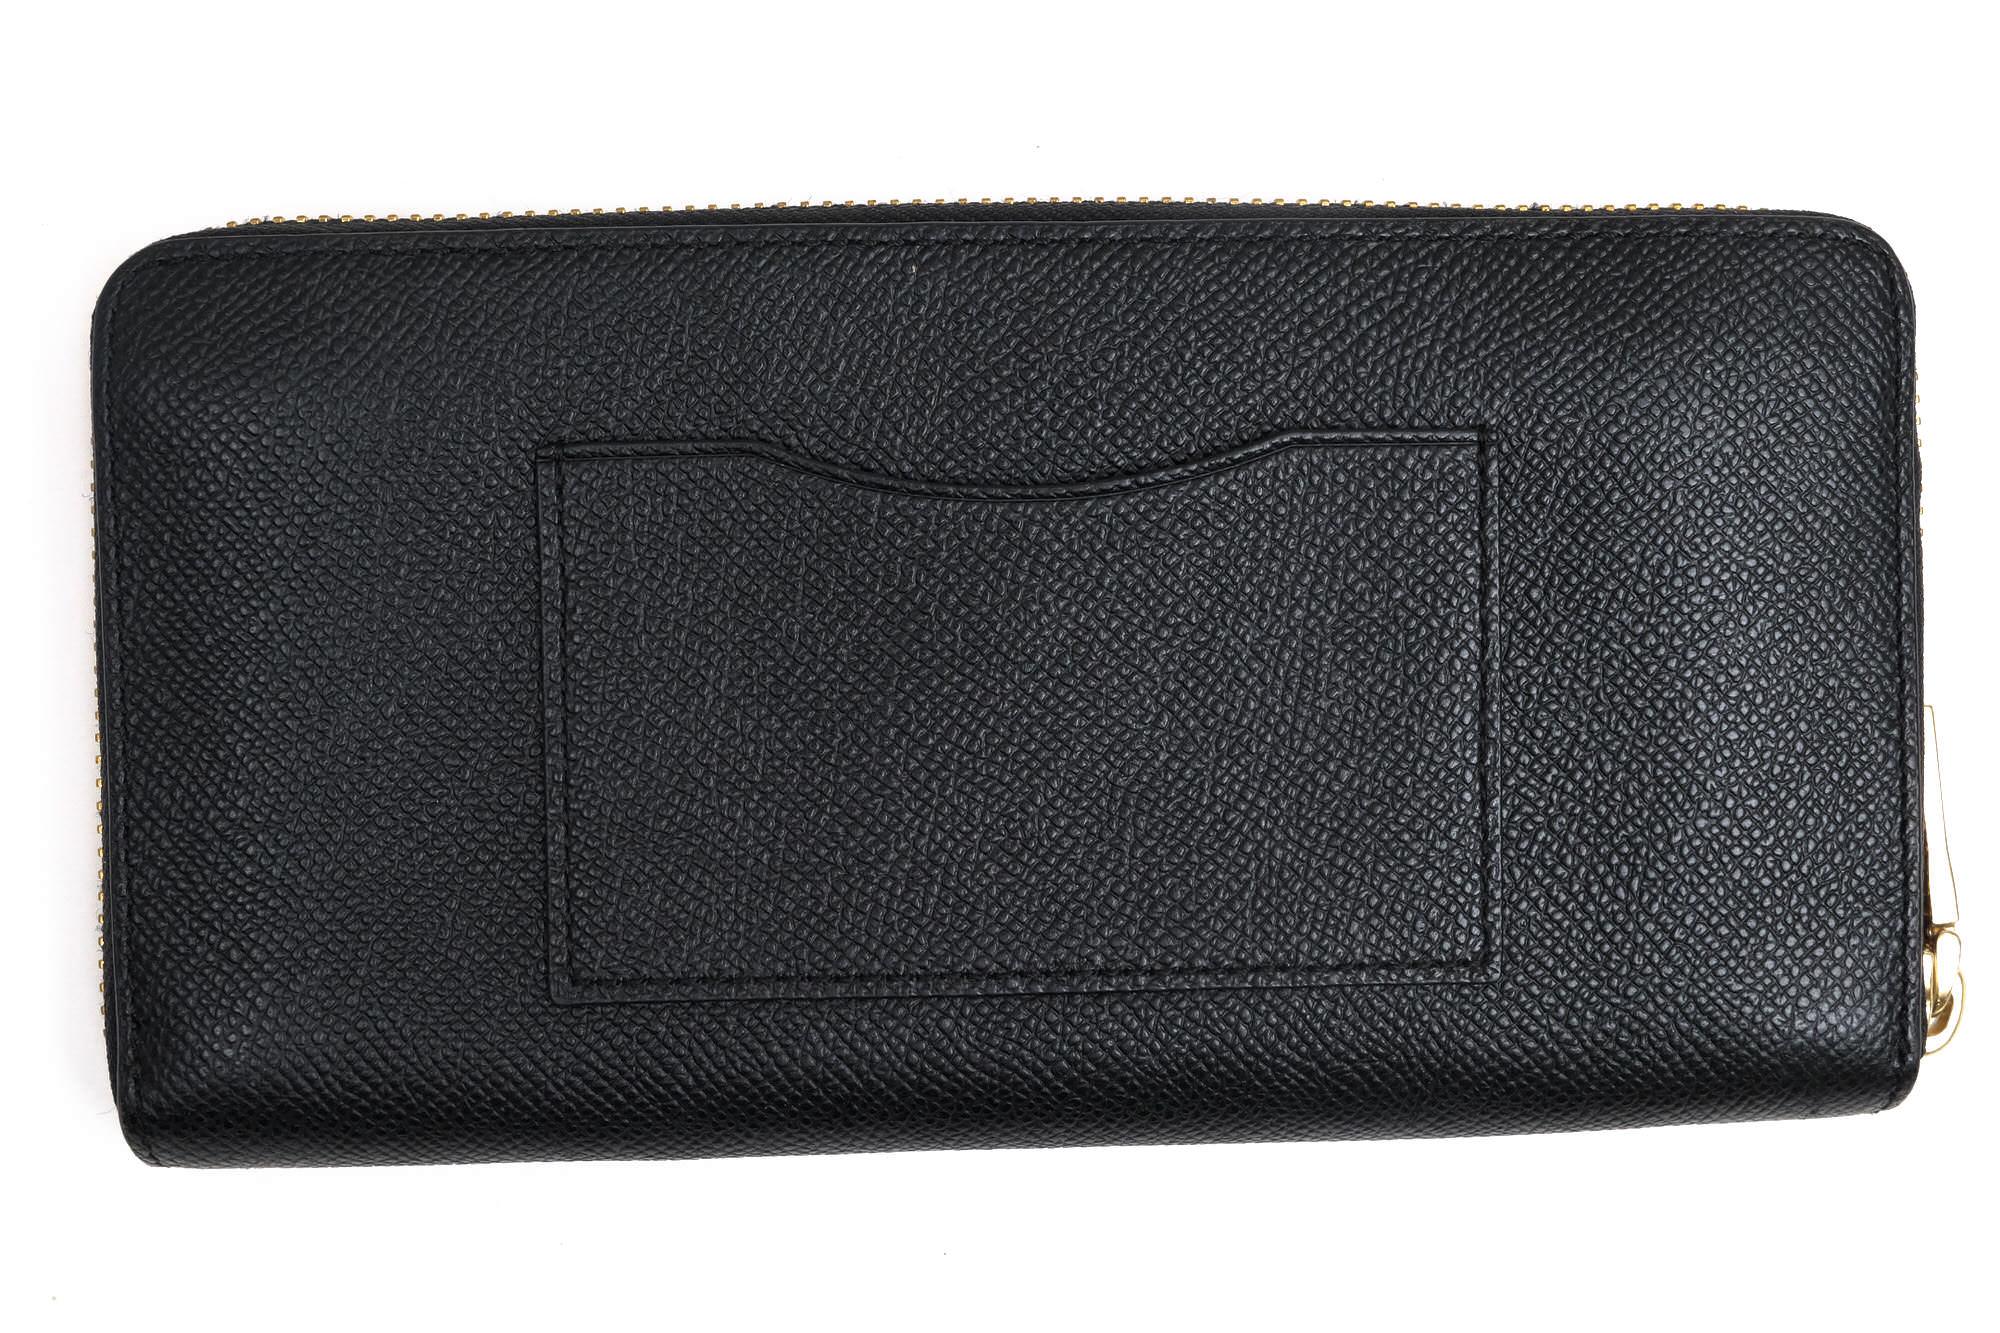 45448e5be6fb コーチ / COACH 長財布 レディース ブラック 黒 - ブランディング